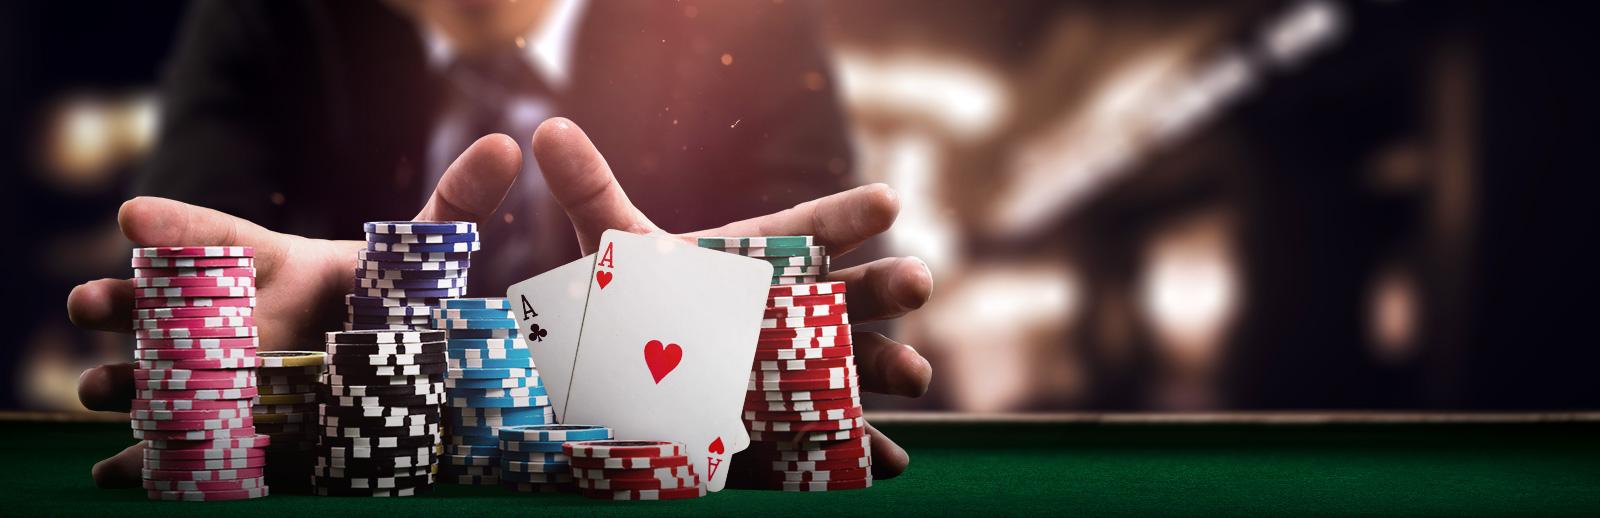 NetBet Open, Poker-Room București, 22-28 martie 2021